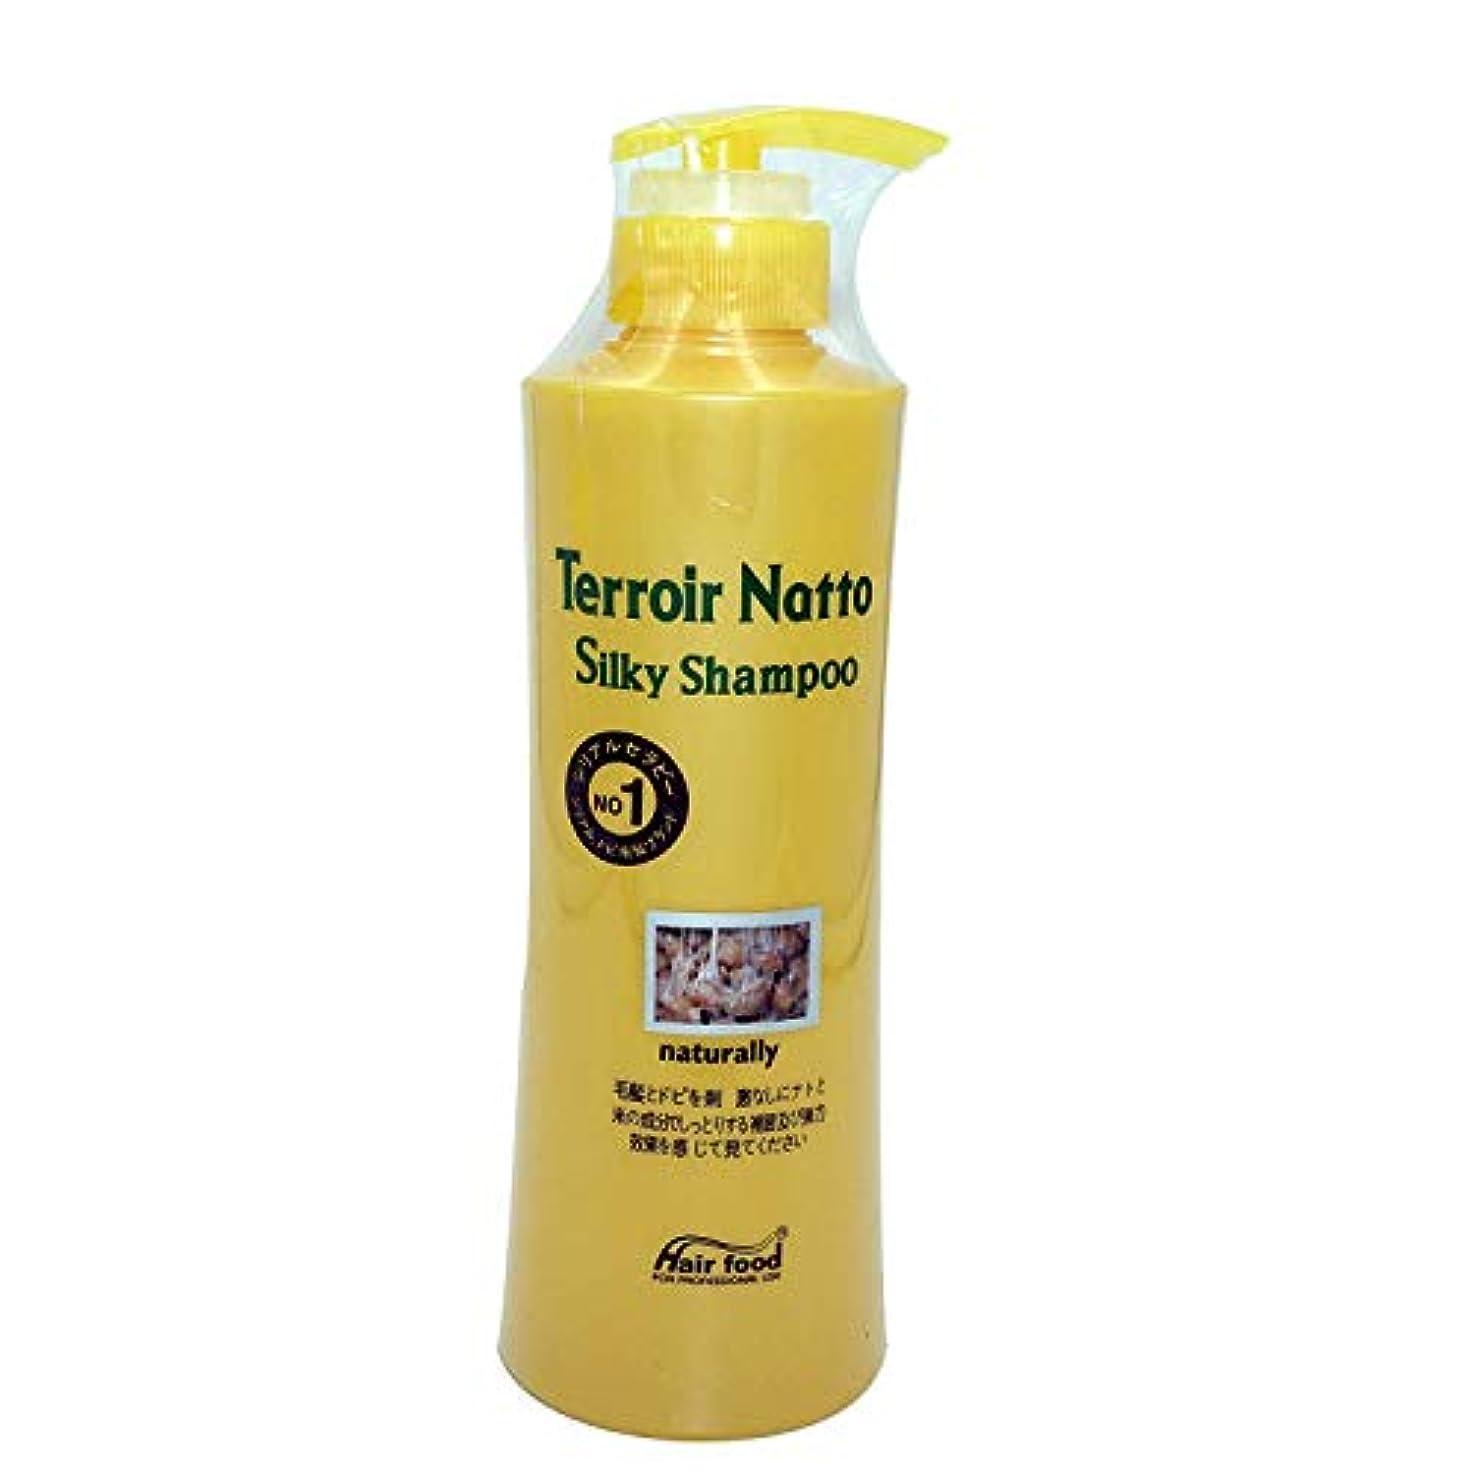 議題ポジション貢献するHair food テロワール納豆シルキーシャンプー500ml、乾燥薄毛とセンシティブな頭皮用 - ビタミンタンパクによる弾力ヘア (Terroir Natto Silky Shampoo 500ml for Dry Thin Hair and Sensitive Scalp - Elastic Hair by Vitamin Protein)[並行輸入品]